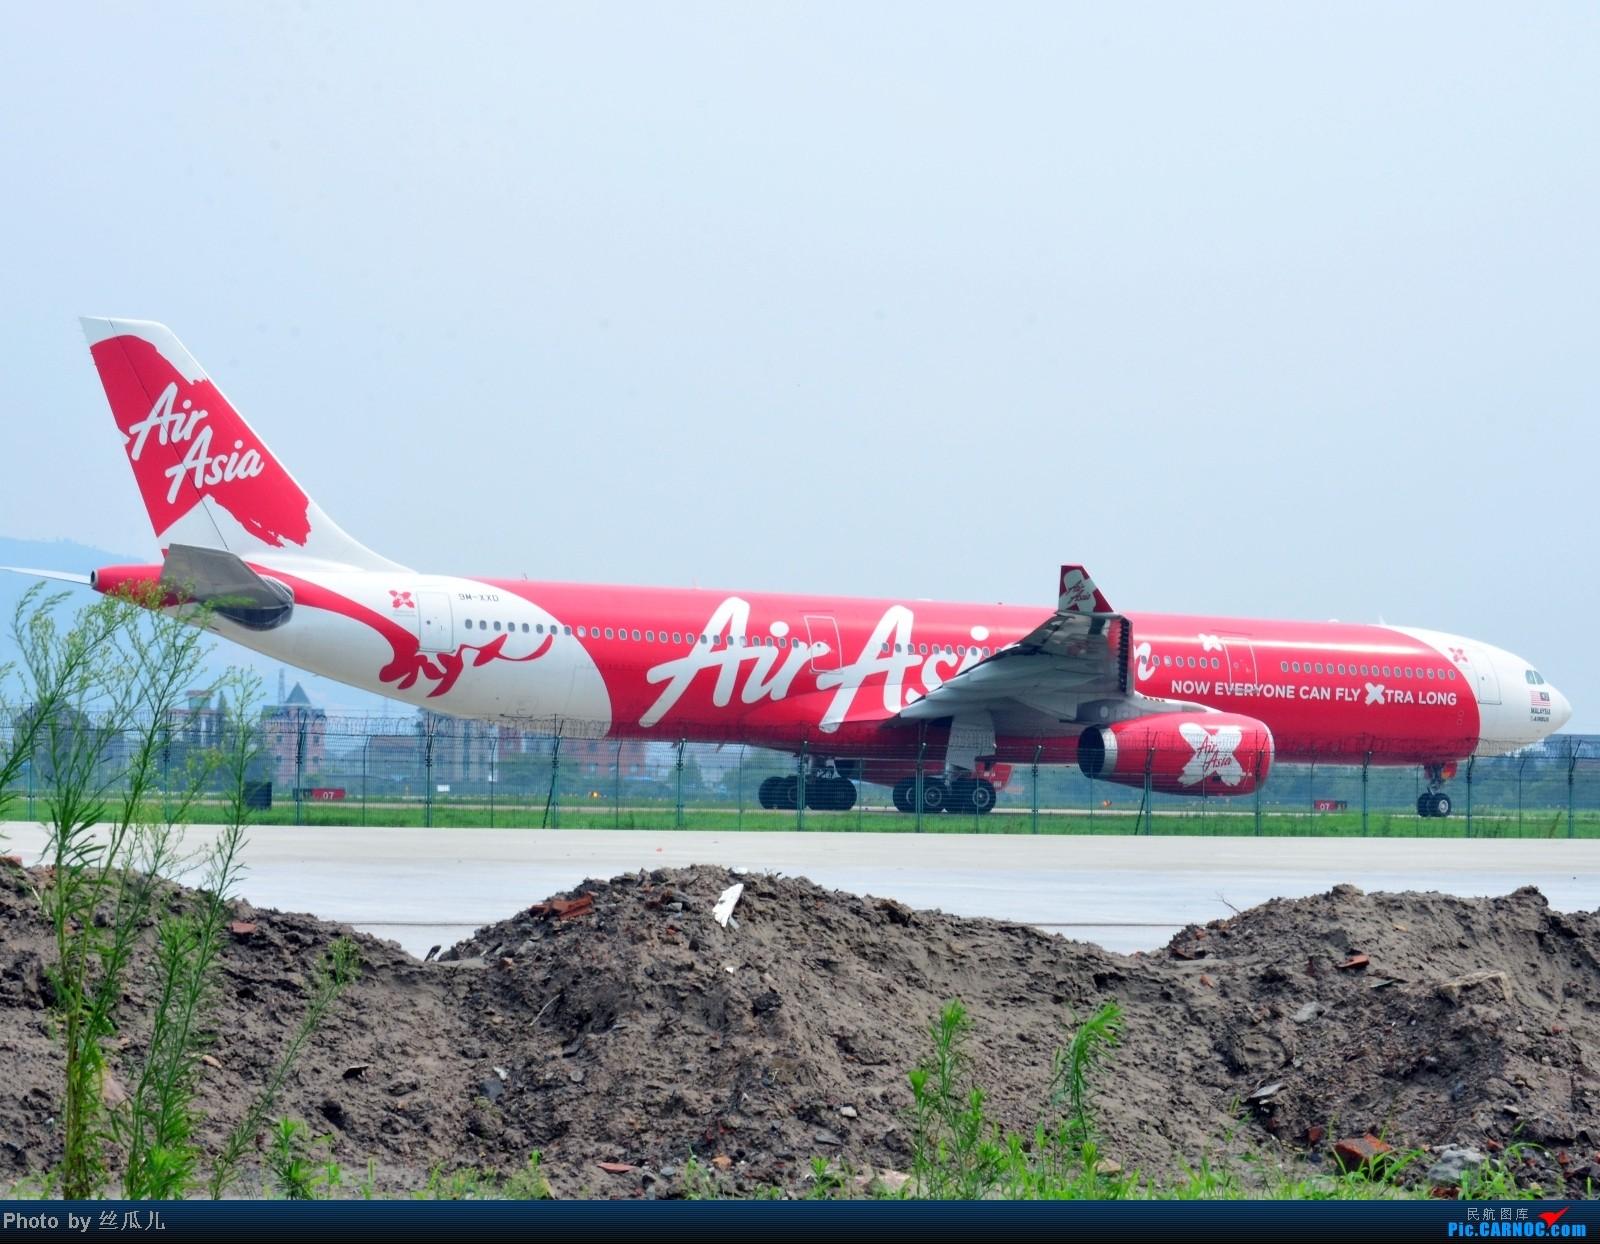 Re:[原创]海葵留下了一片茫茫大地,送完朋友又去六号路溜达,突然发现一个大家伙迎面而来,赶紧拿相机换镜头,开火、爆菊、抵近射击!一气呵成!NND,百密一疏,60的快门! AIRBUS A330-300 9M-XXD 中国杭州萧山机场